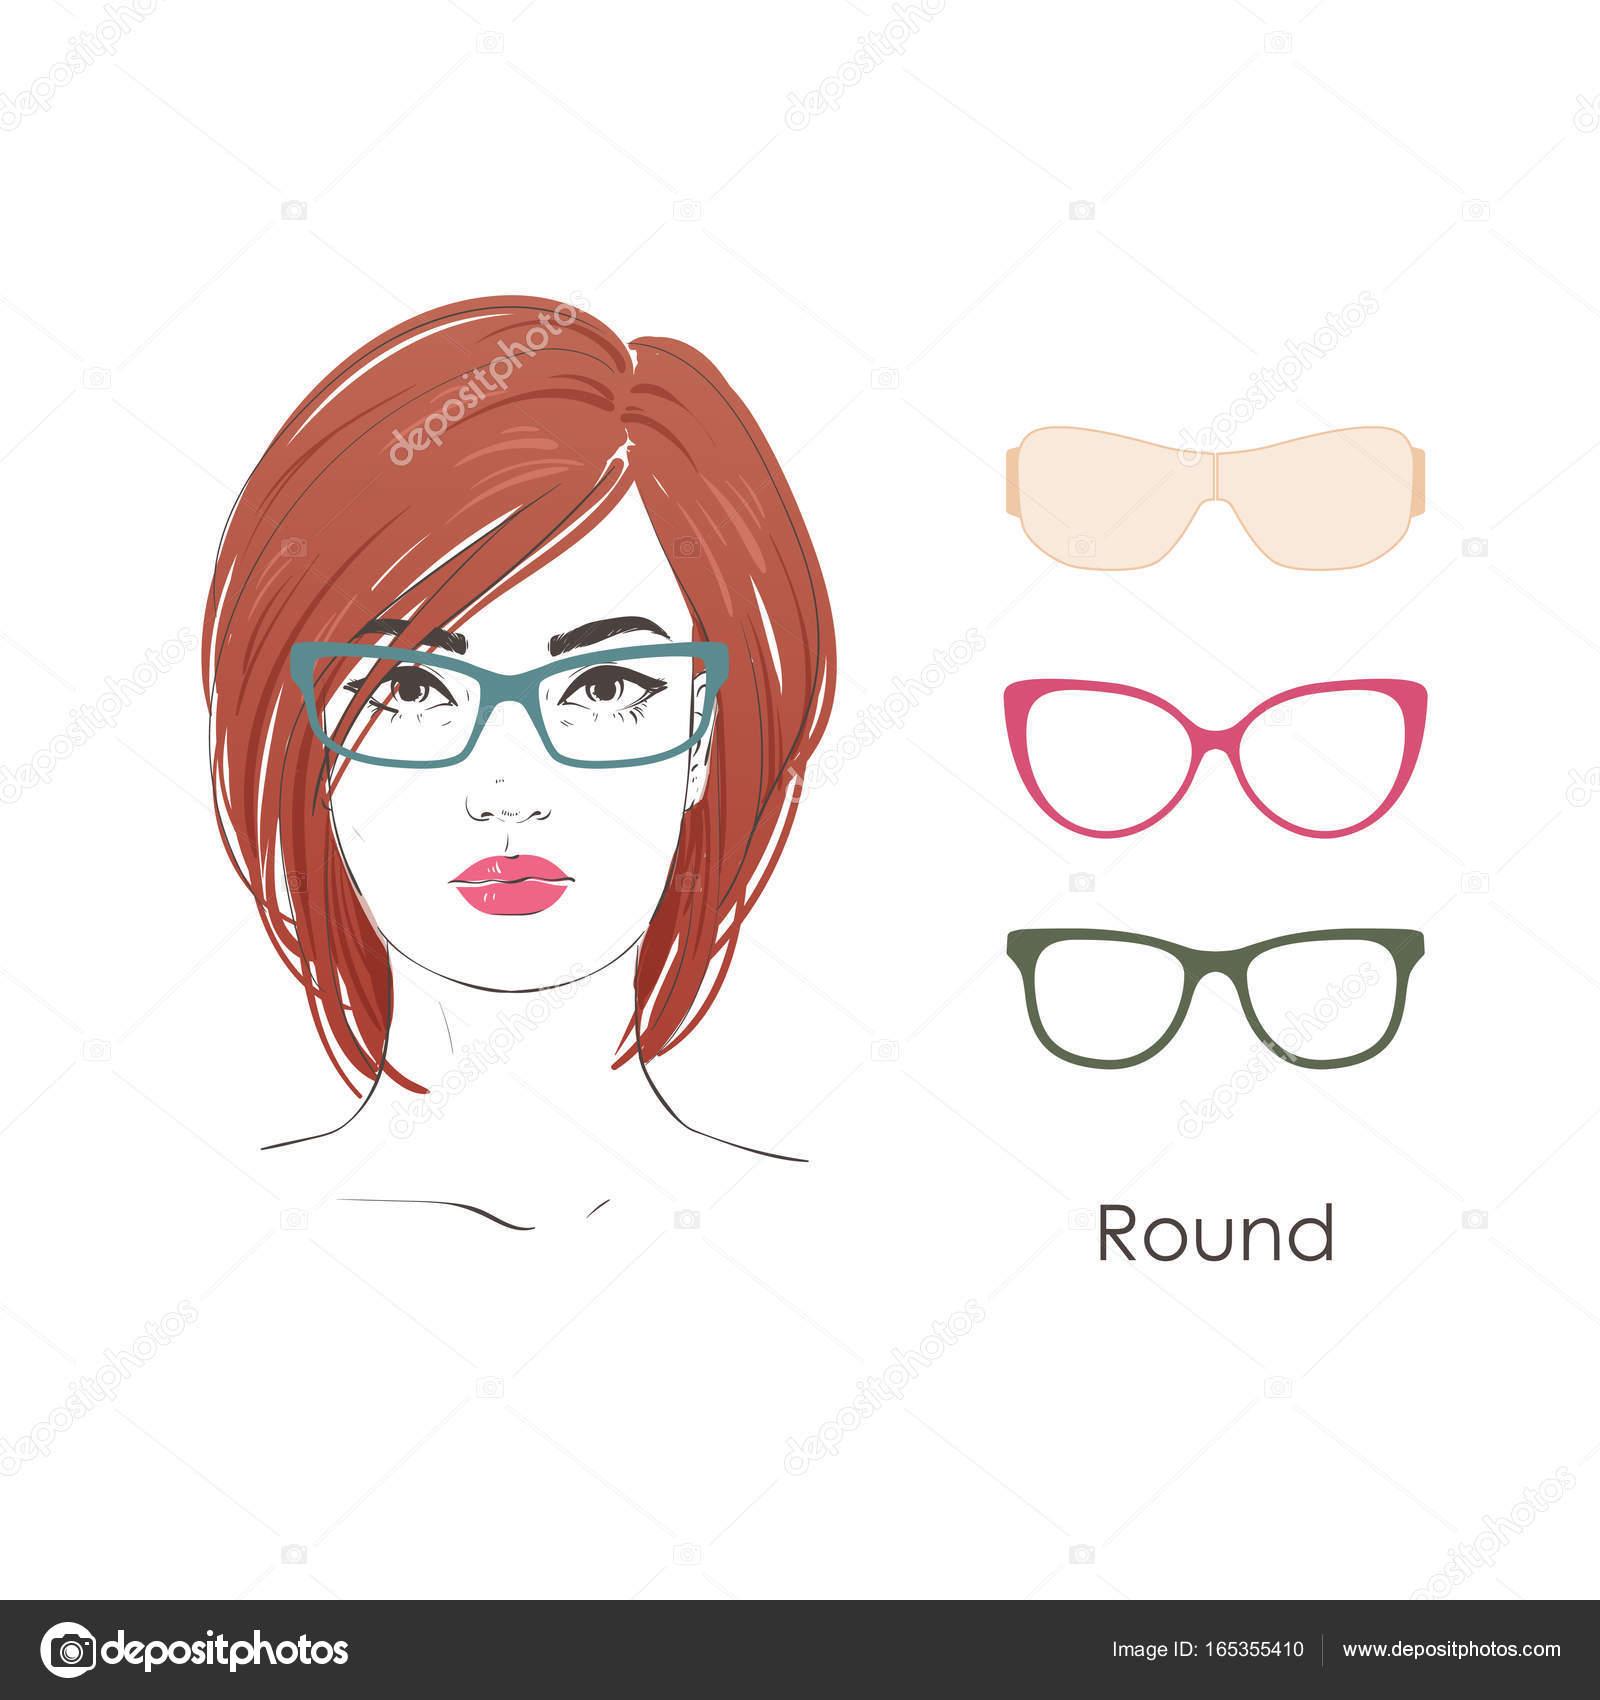 Frisuren fur runde gesichter mit brille